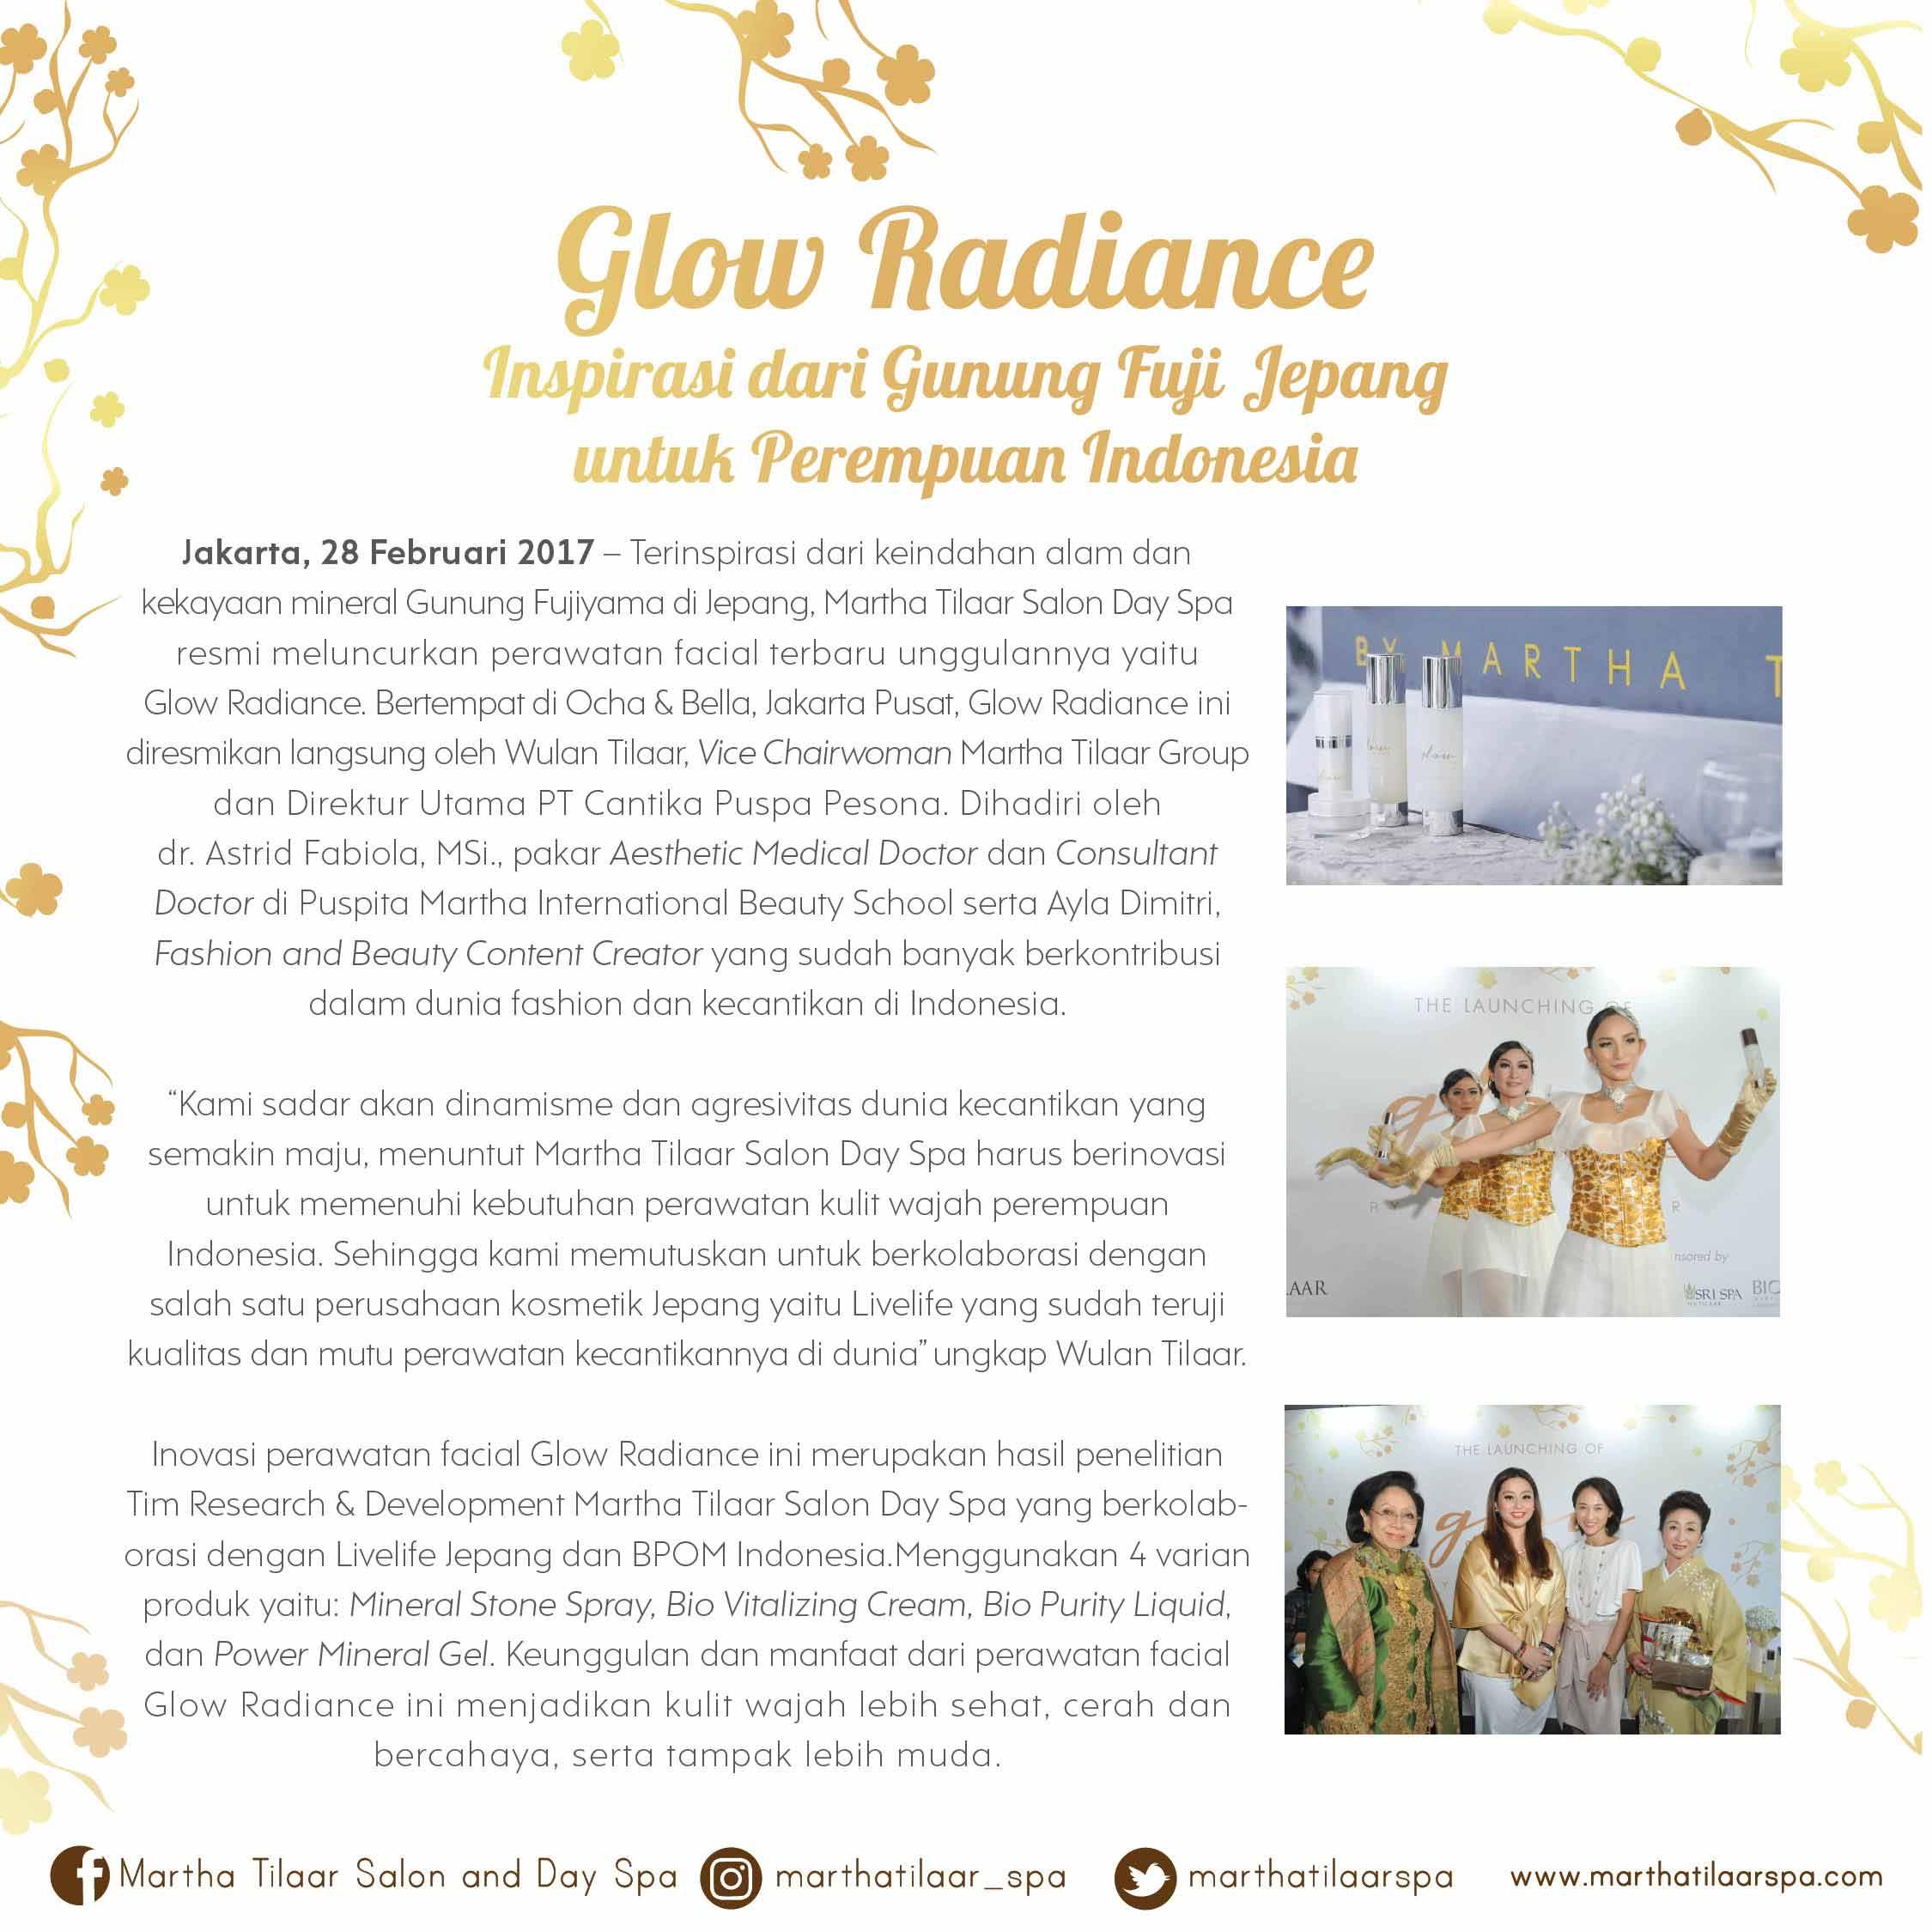 Glow Radiance, Inspirasi dari Gunung Fuji Jepang untuk Perempuan Indonesia